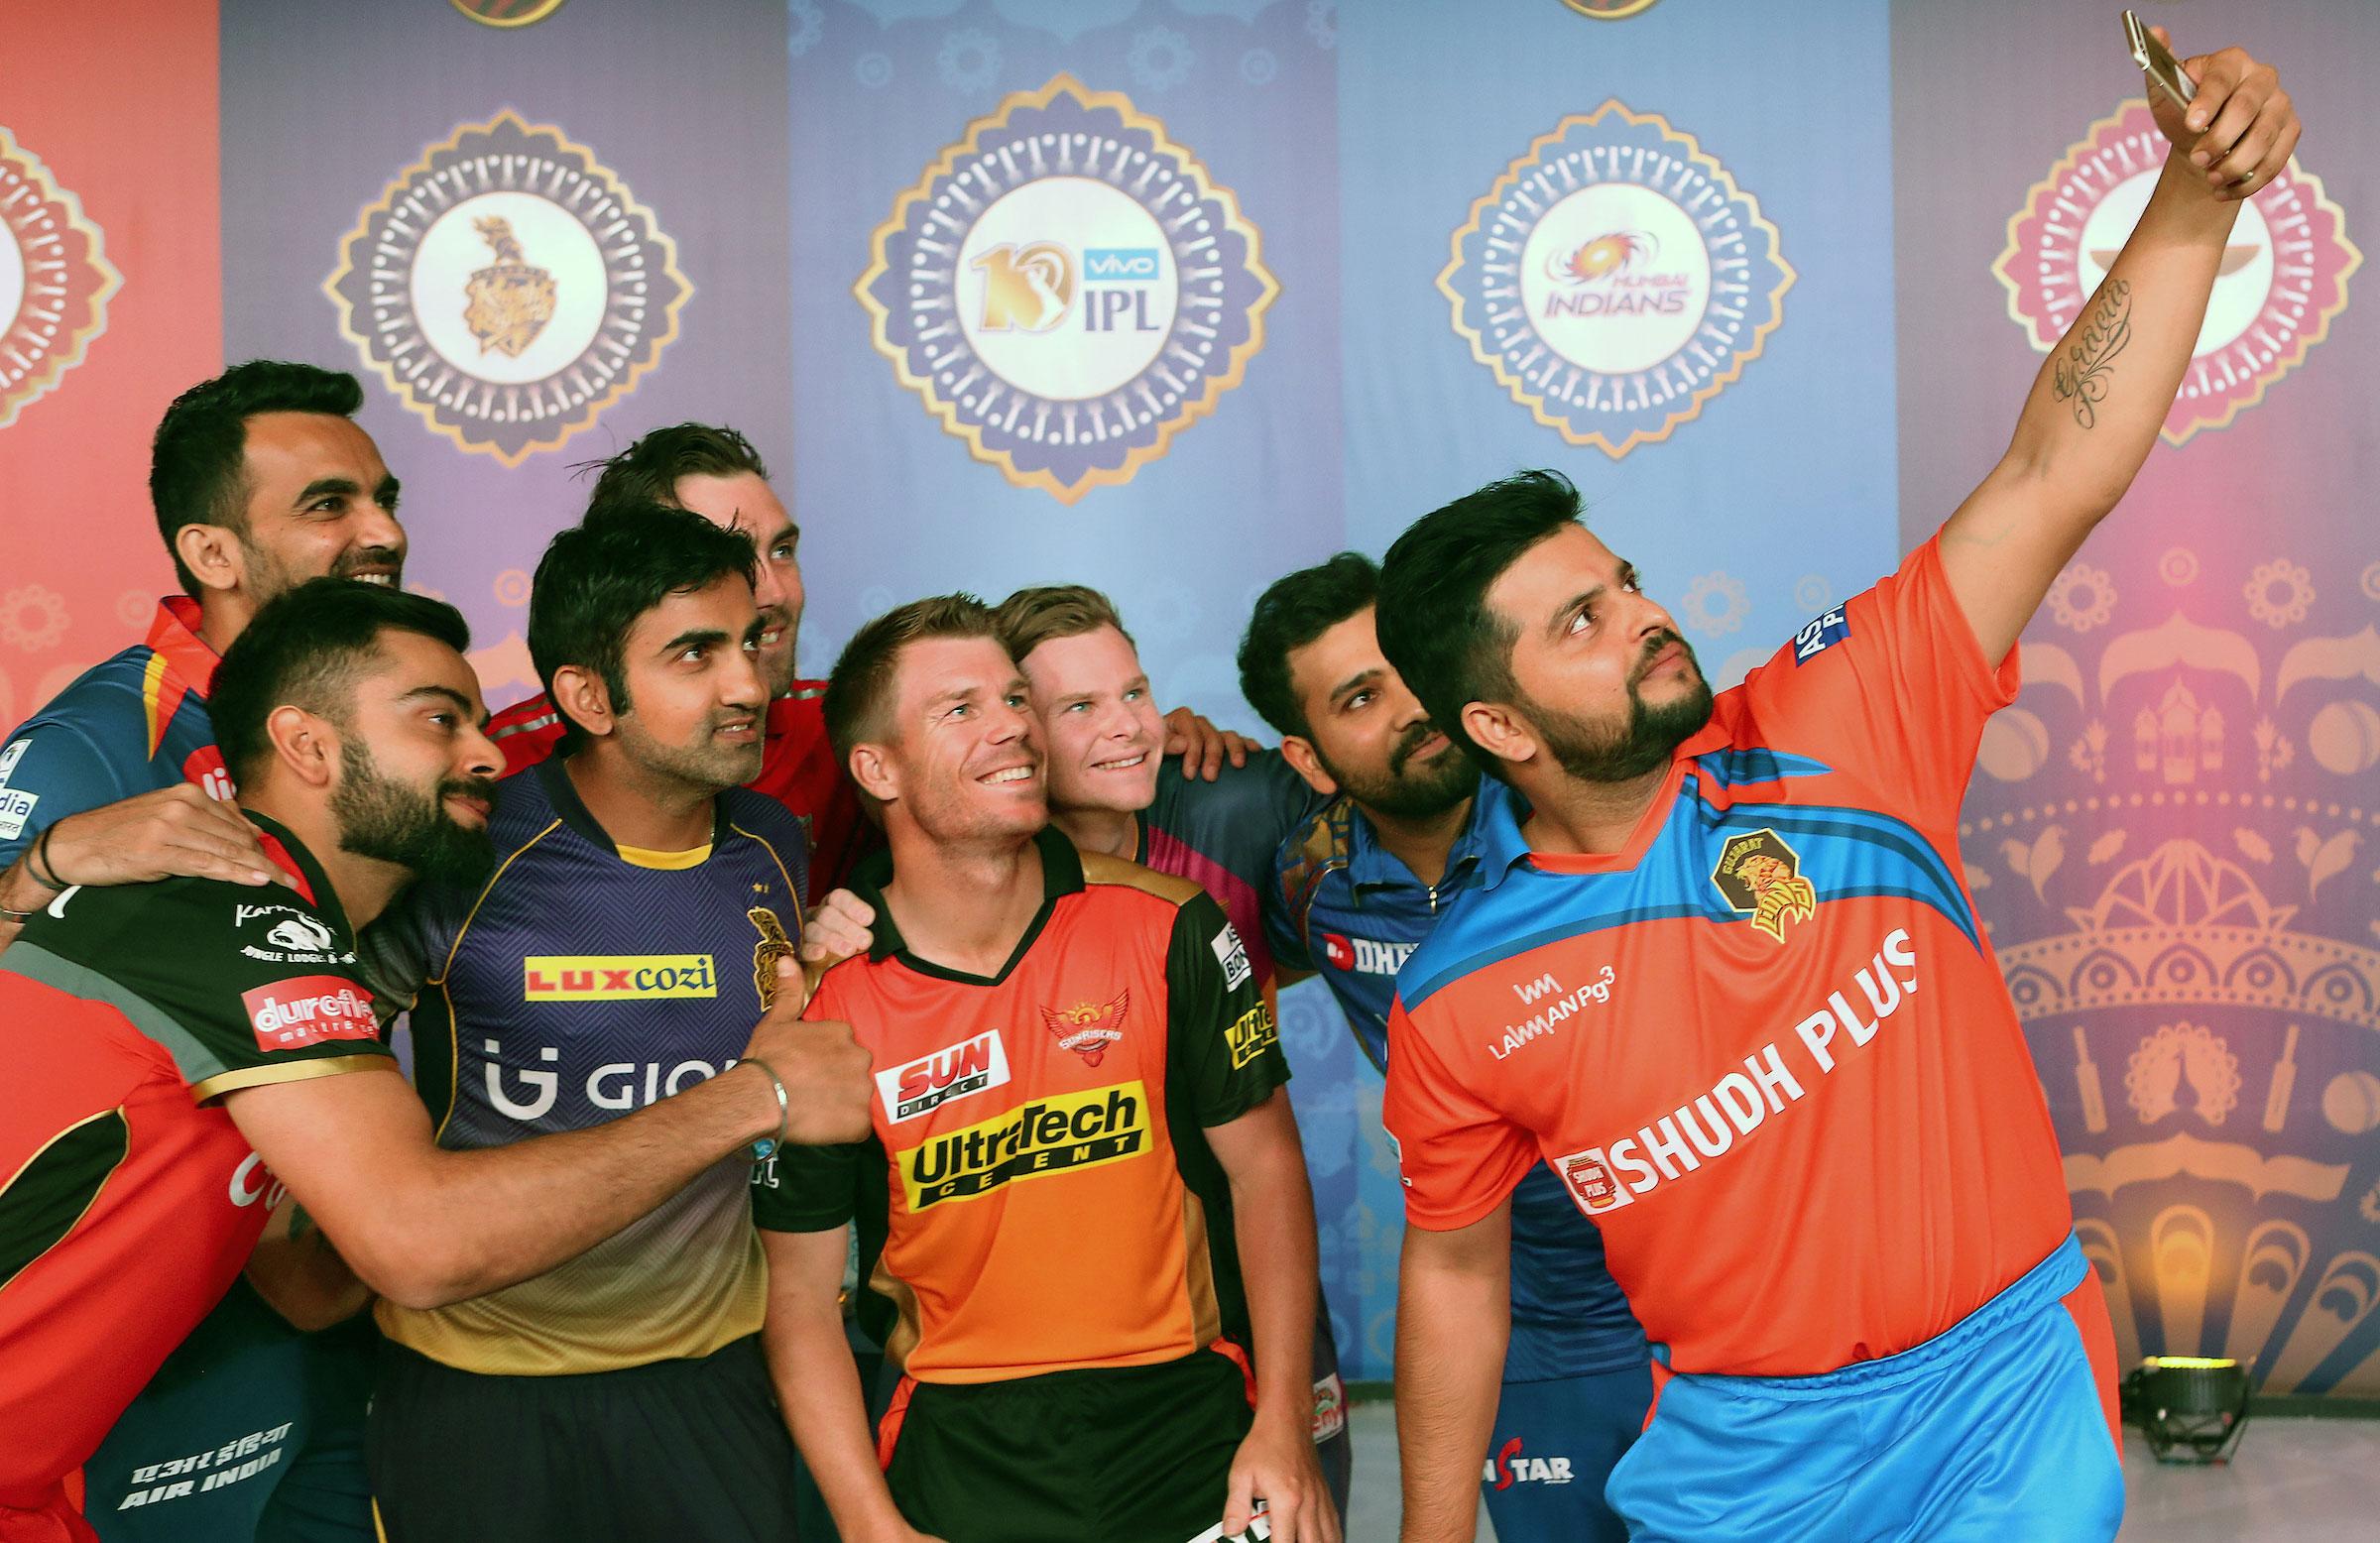 आईपीएल के सफलतम बल्लेबाजों में शुमार इस खिलाड़ी ने माना शुरू के तीन आईपीएल सीजन में रन बनाना था आसान